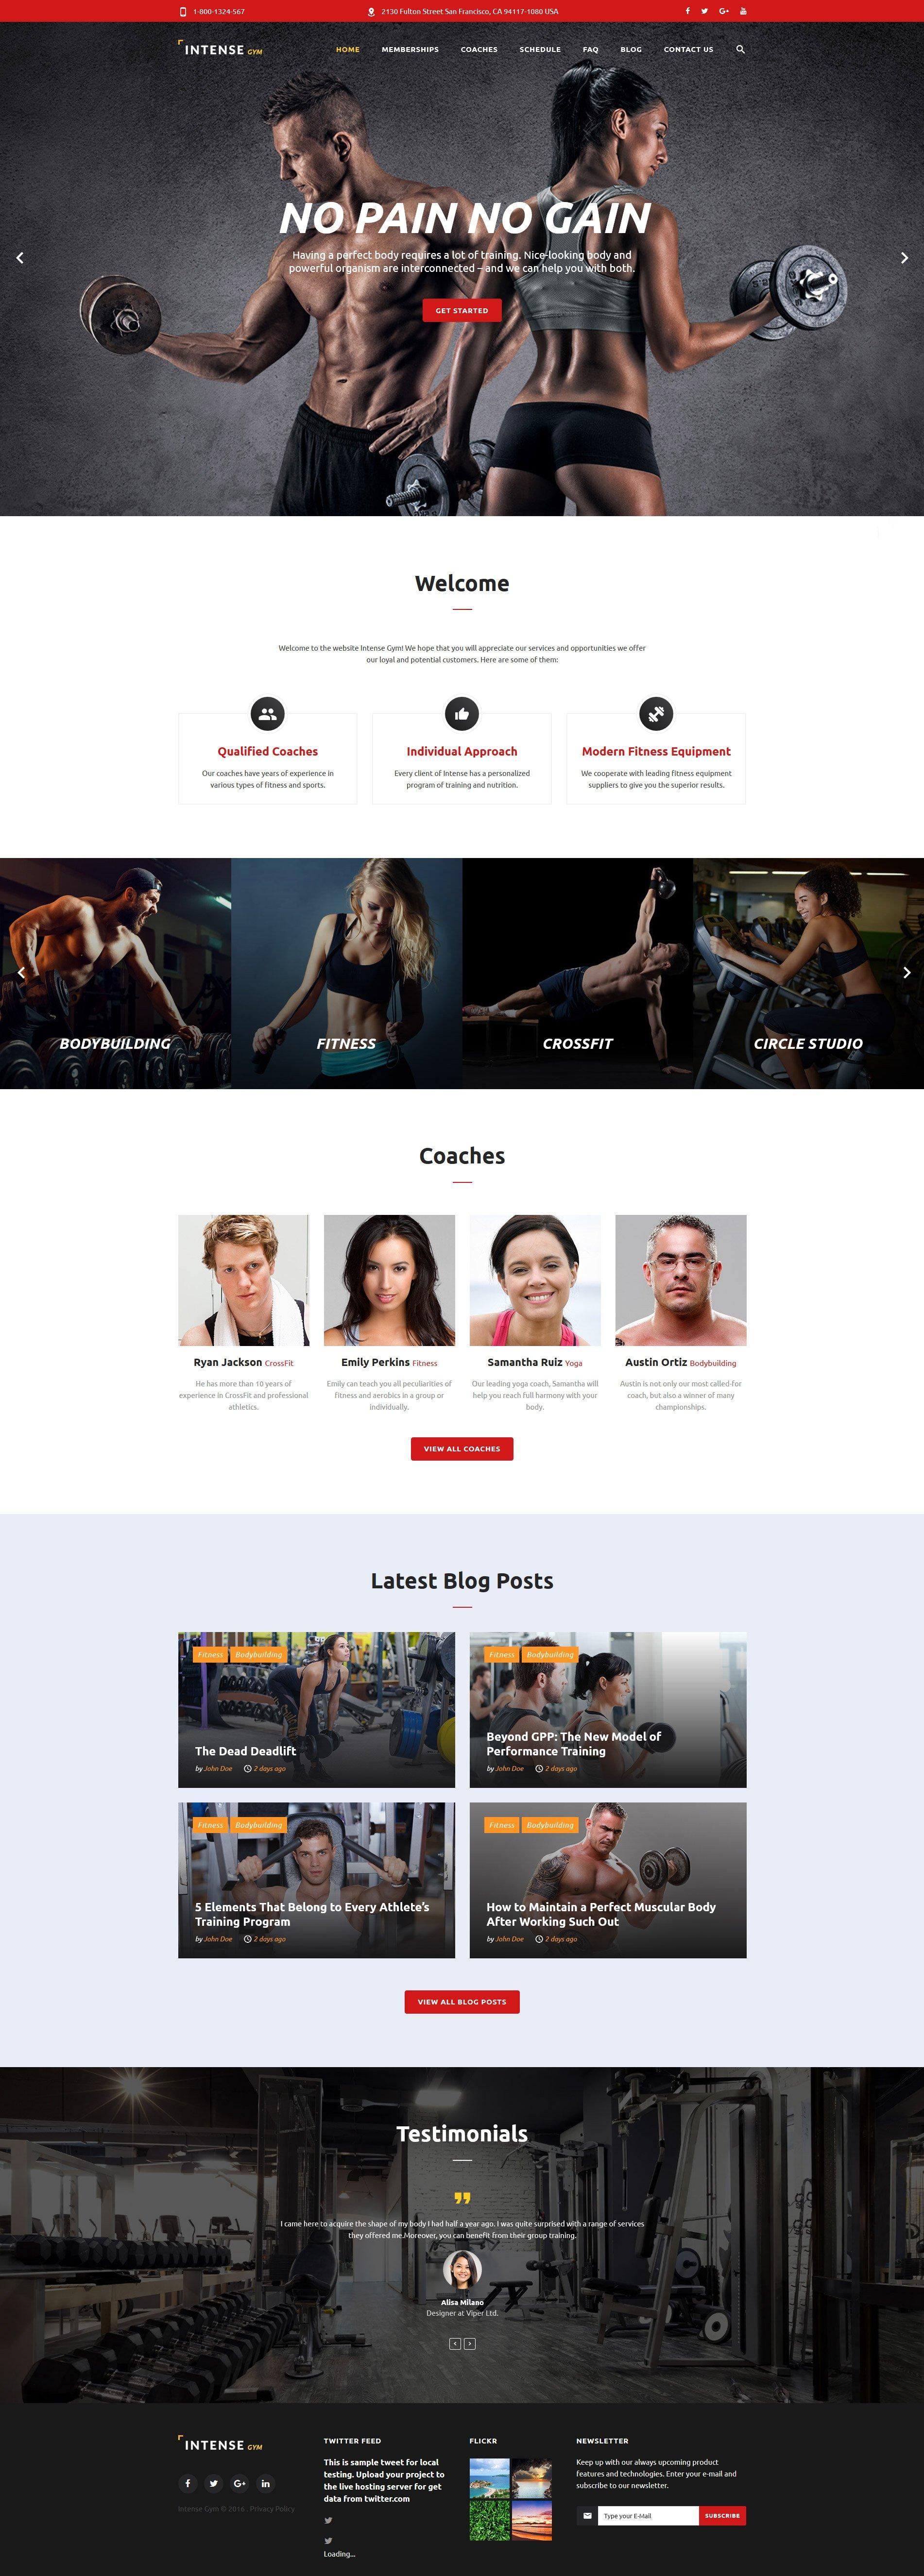 Intense Gym Website Template - screenshot